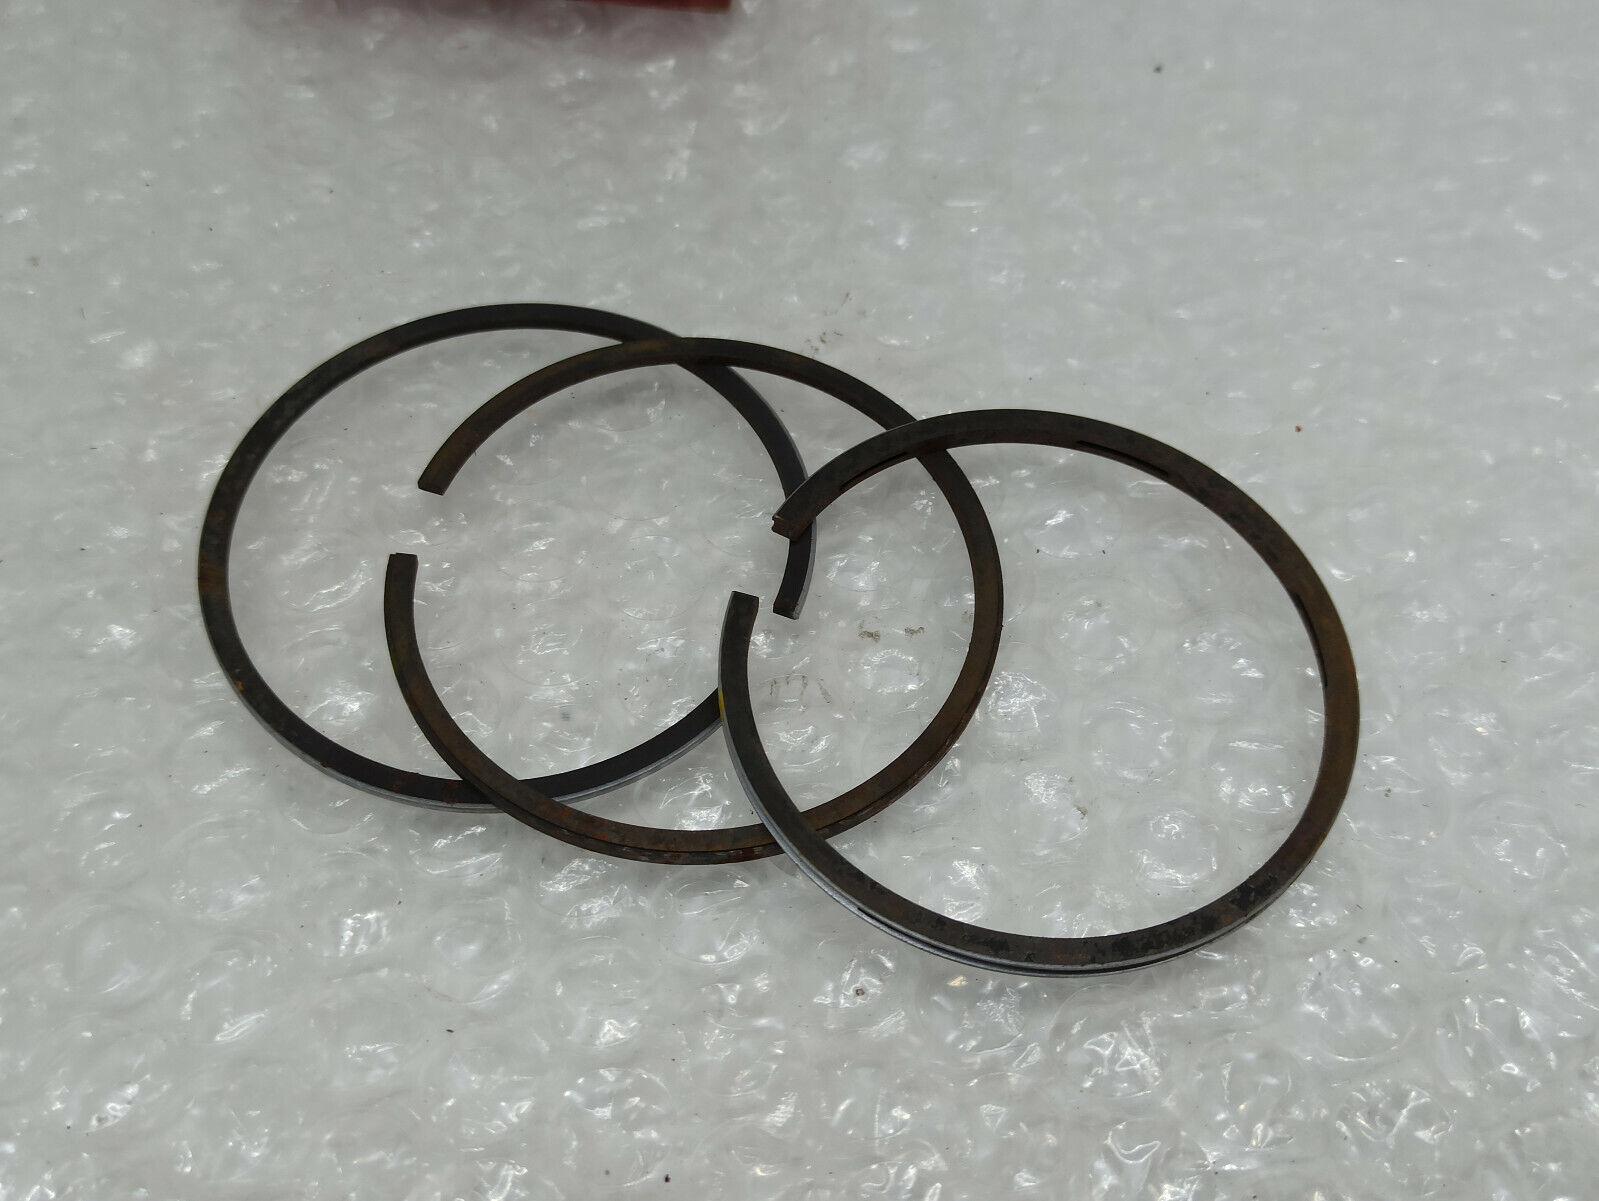 pair NOS Honda CB125 CL125 TL125 SL125 Ring Set 13031-330-005 0.50mm oversize